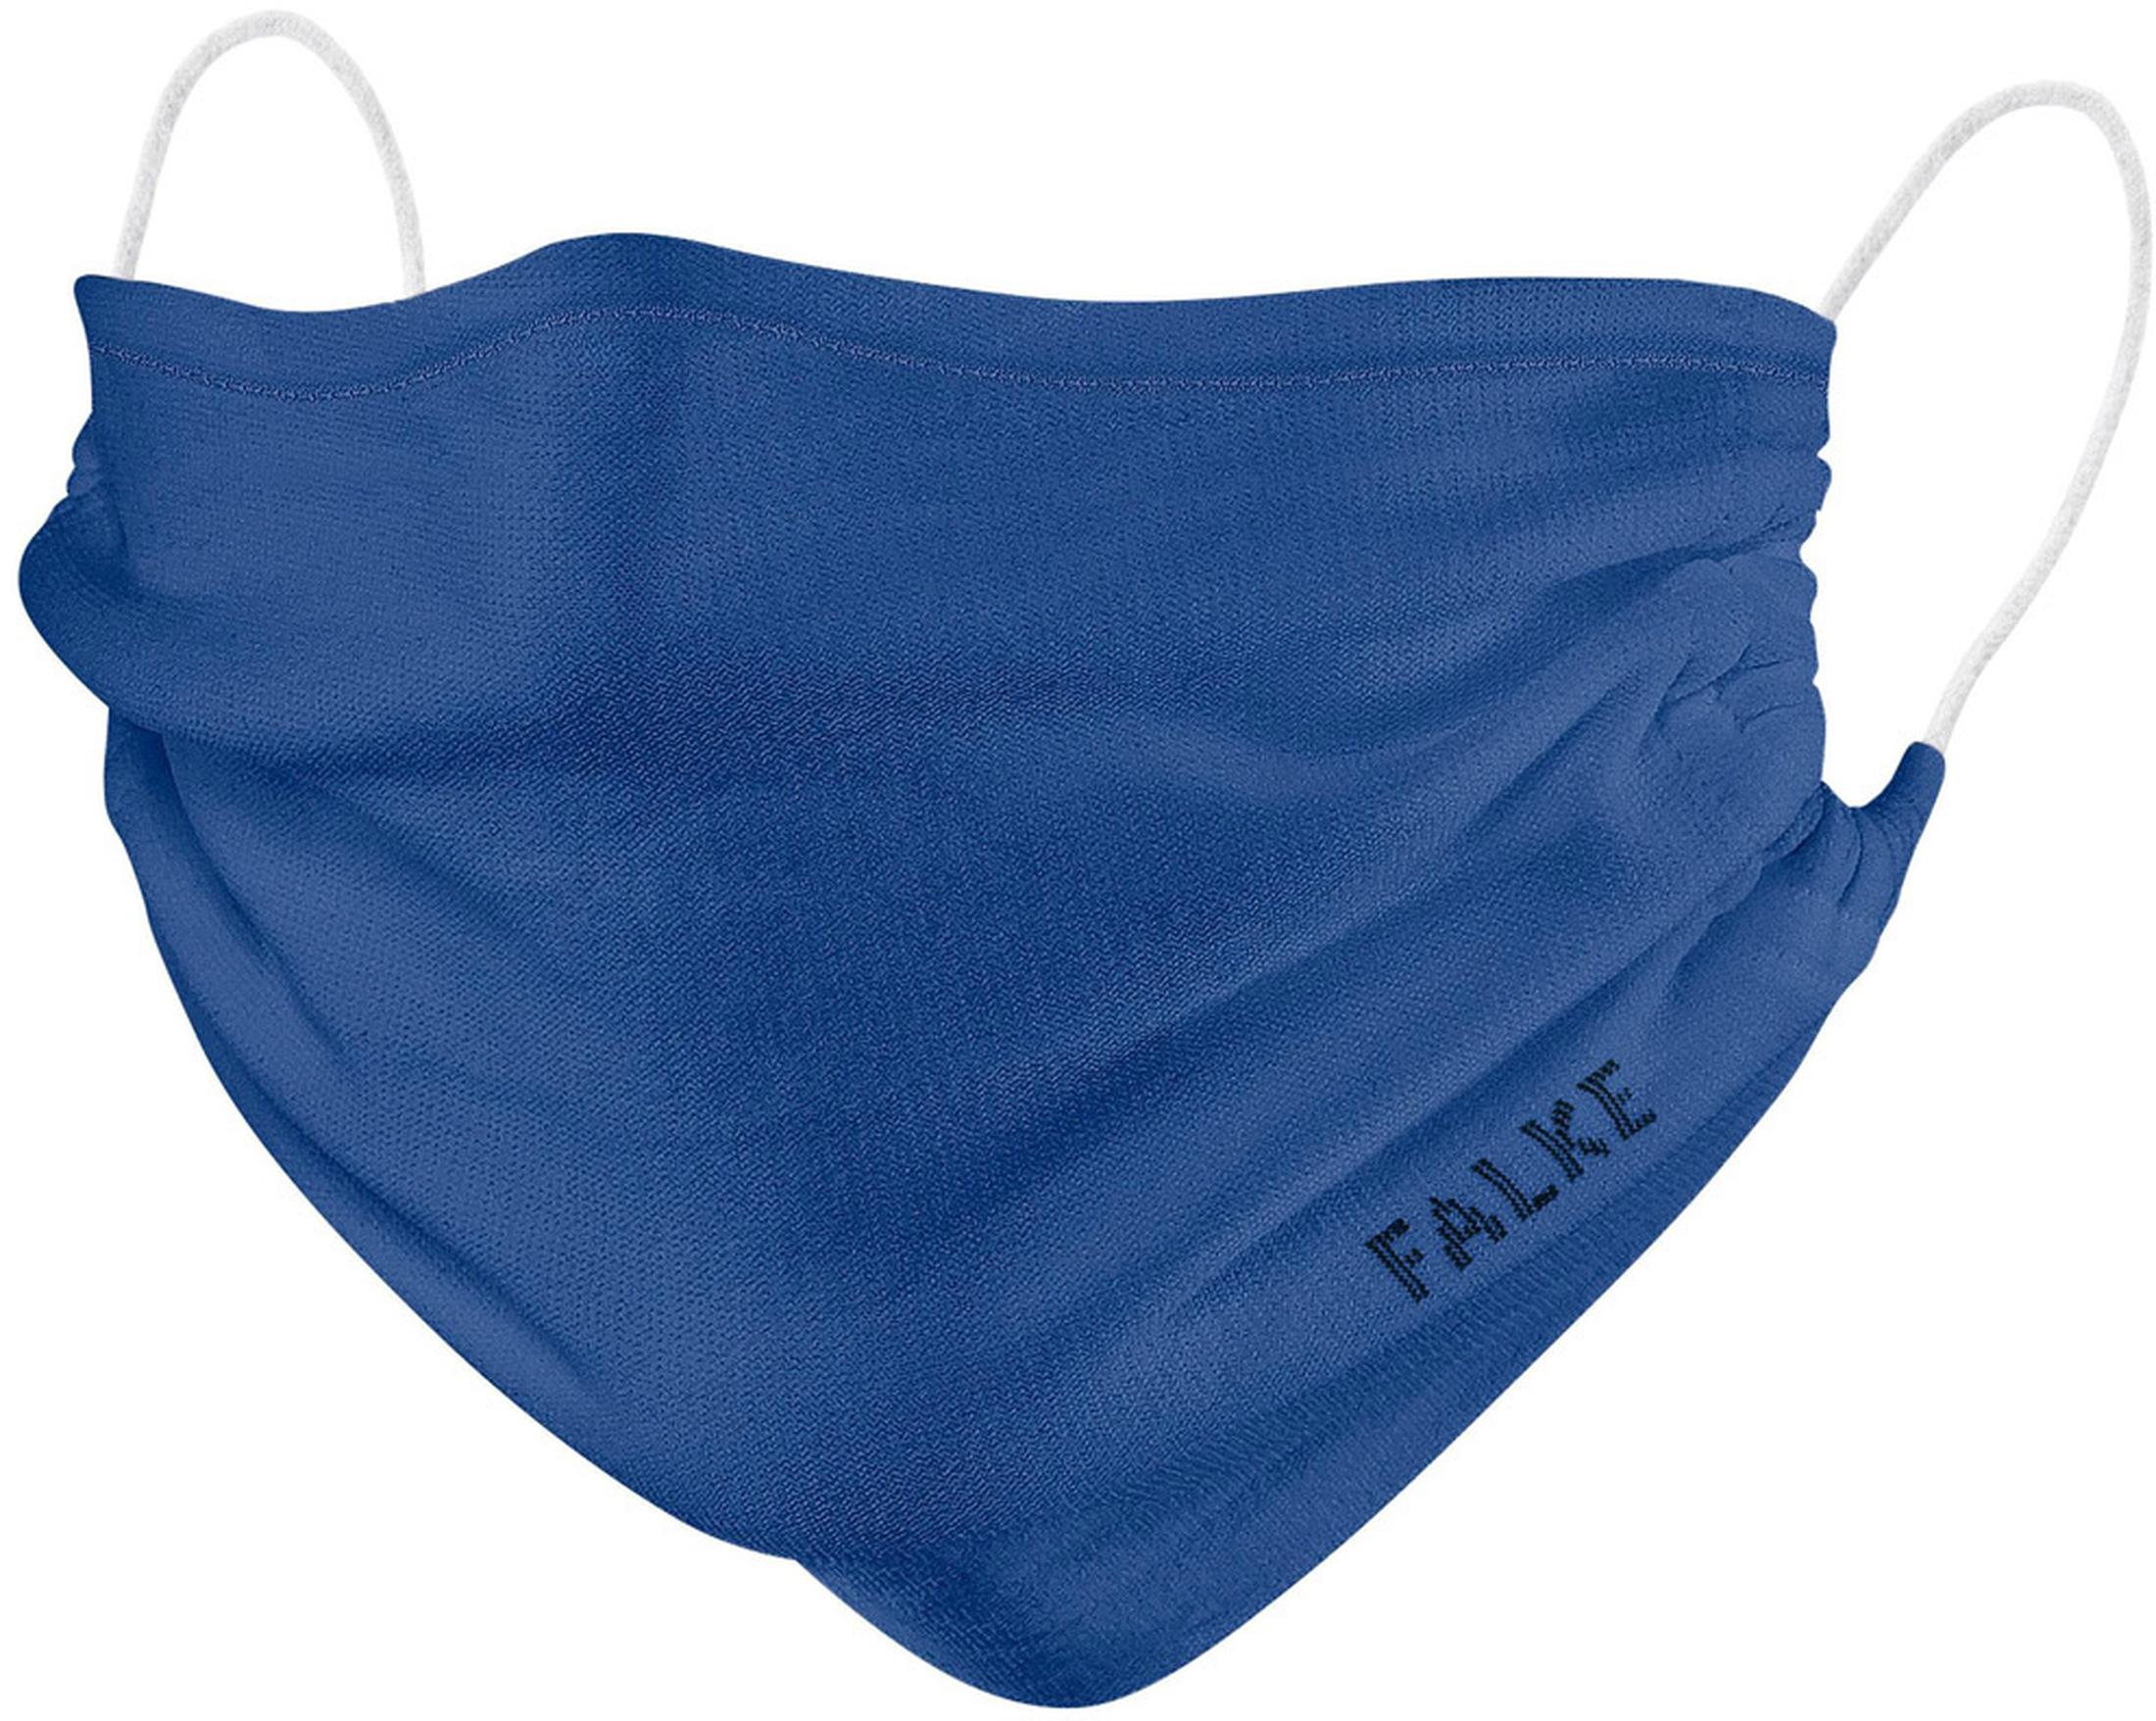 Falke Mondkapje Blauw 2 Pack